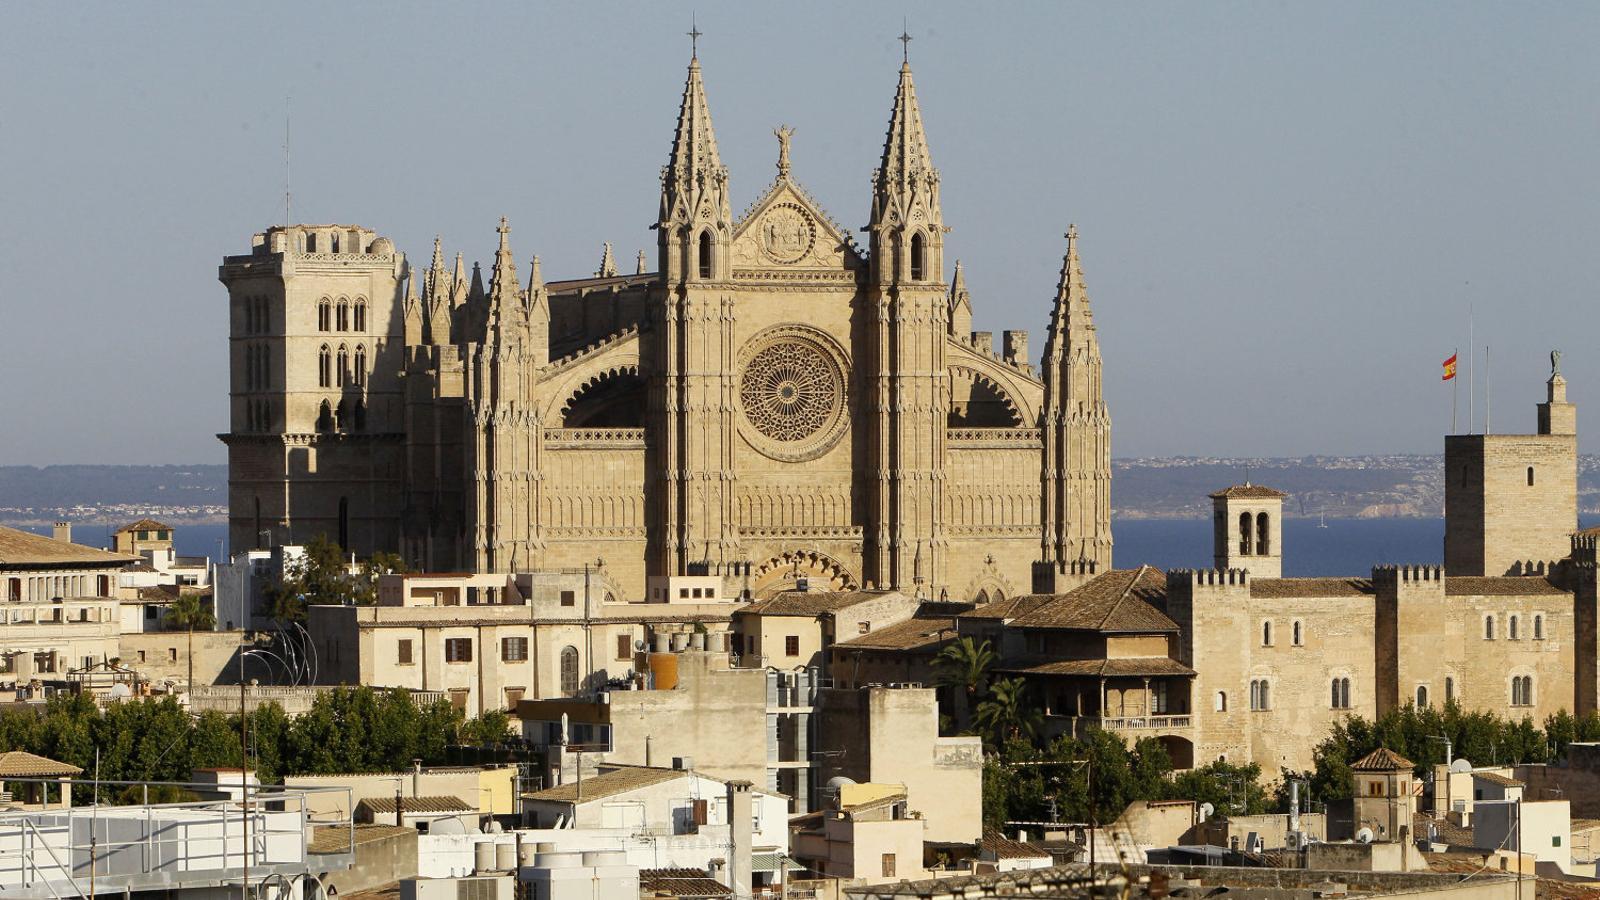 Les immatriculacions de l'Església: d'un hort a Galilea fins a la Seu de Mallorca